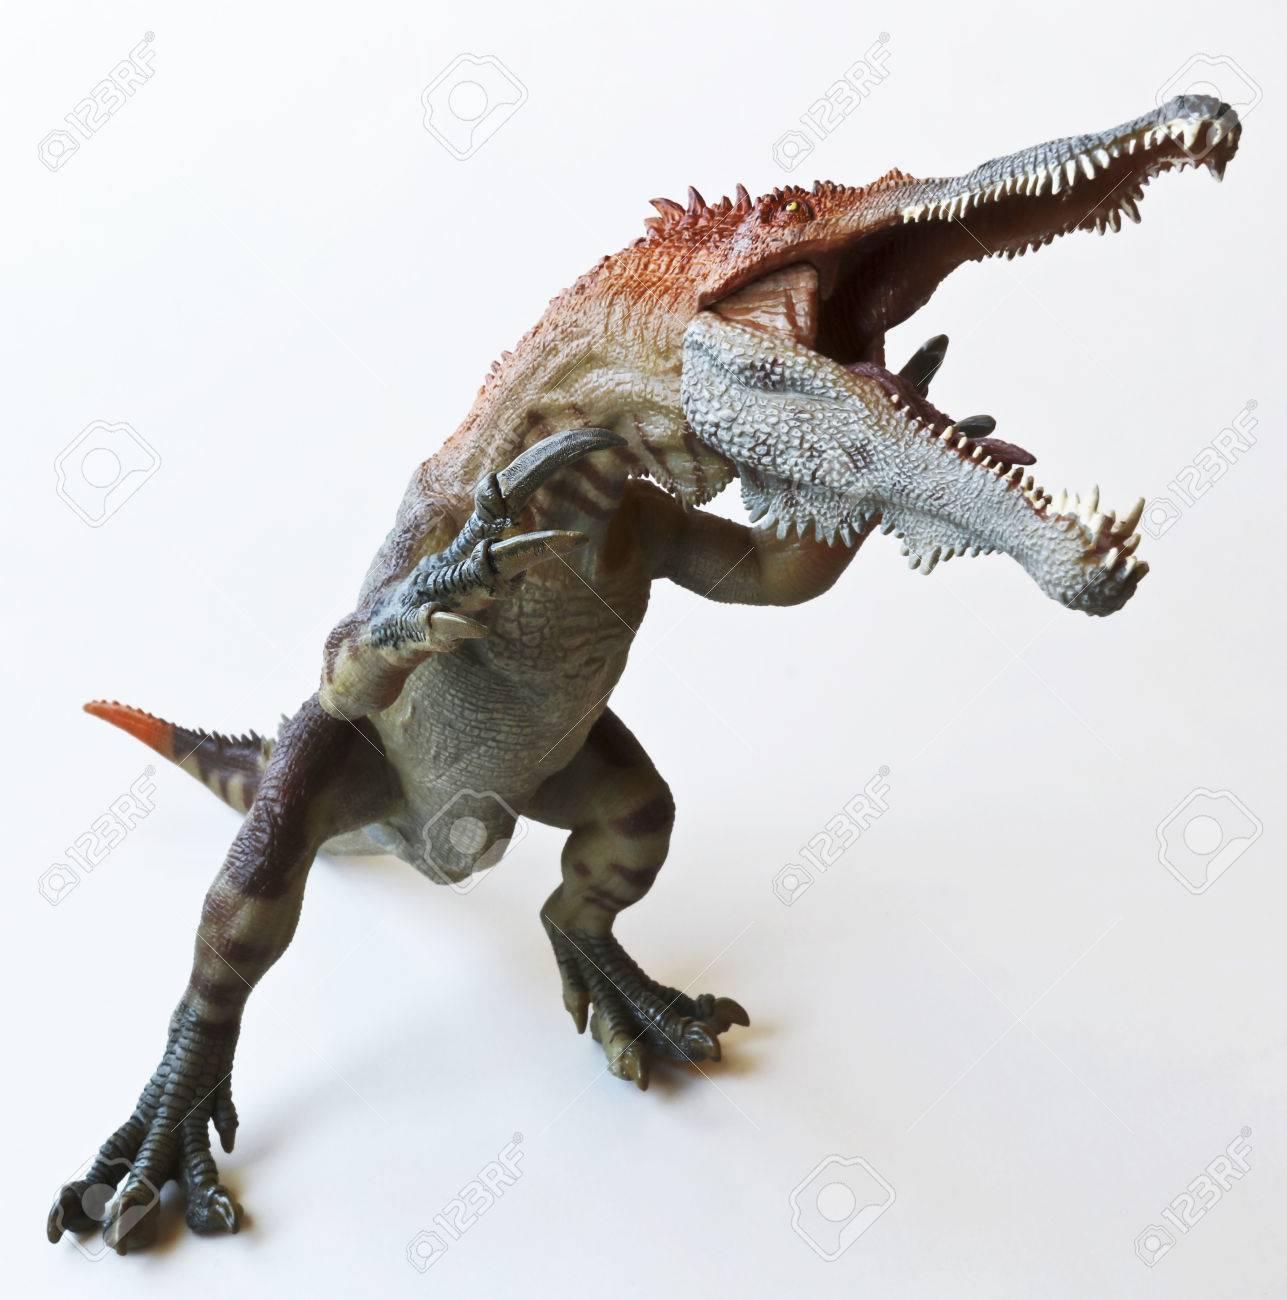 という重い爪を意味 Baryonyx 獣...